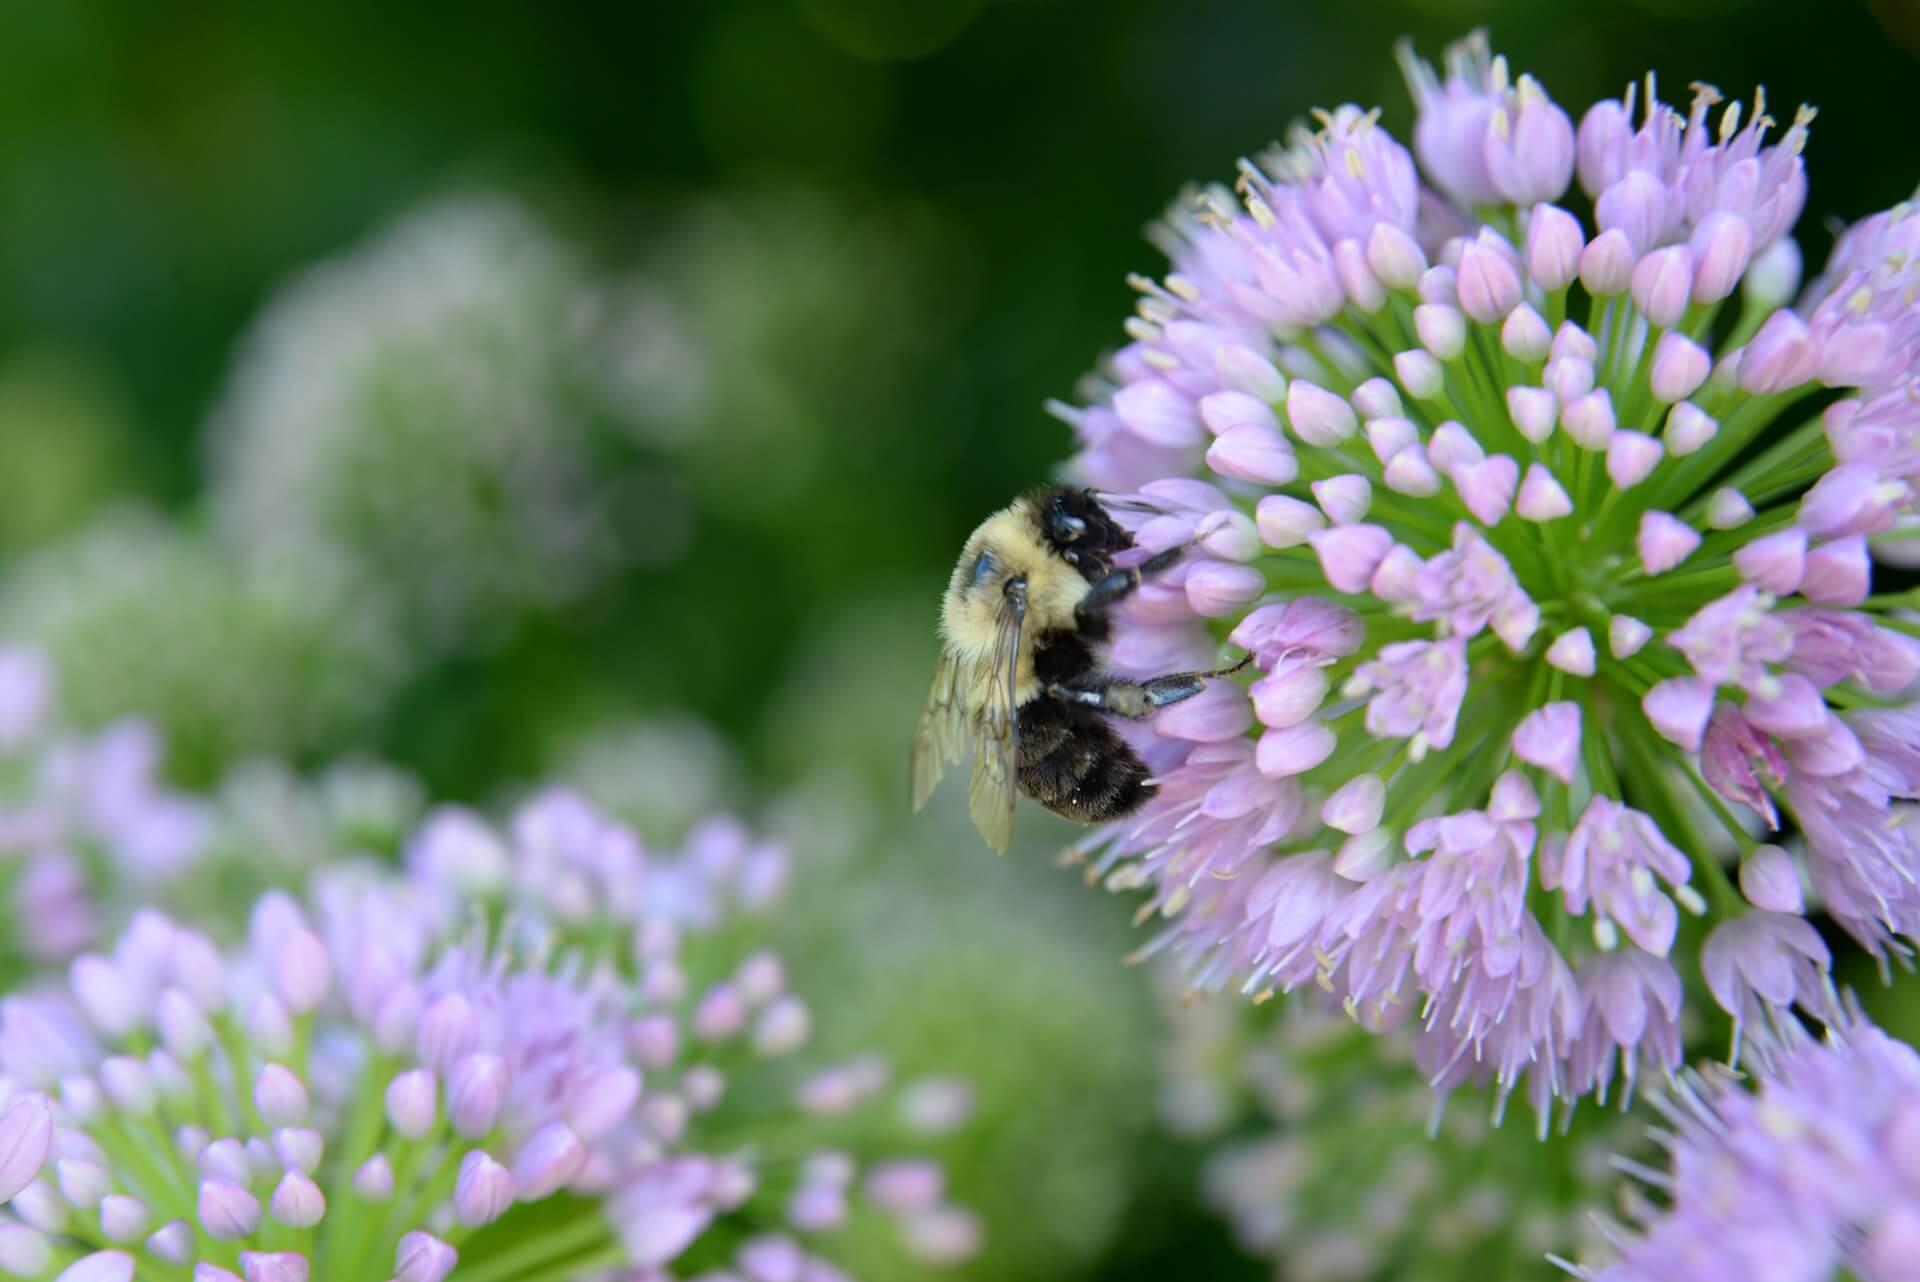 Εκτός από τις φυτοπροστατευτικές ιδιότητες του σκόρδου, τα λουλούδια του, όπως και εκείνα του κρεμμυδιού, προσελκύουν έντονα τις μέλισσες και άλλους σημαντικούς επικονιαστές, ώστε να ενισχυθεί η παραγωγή των φυτών σας.